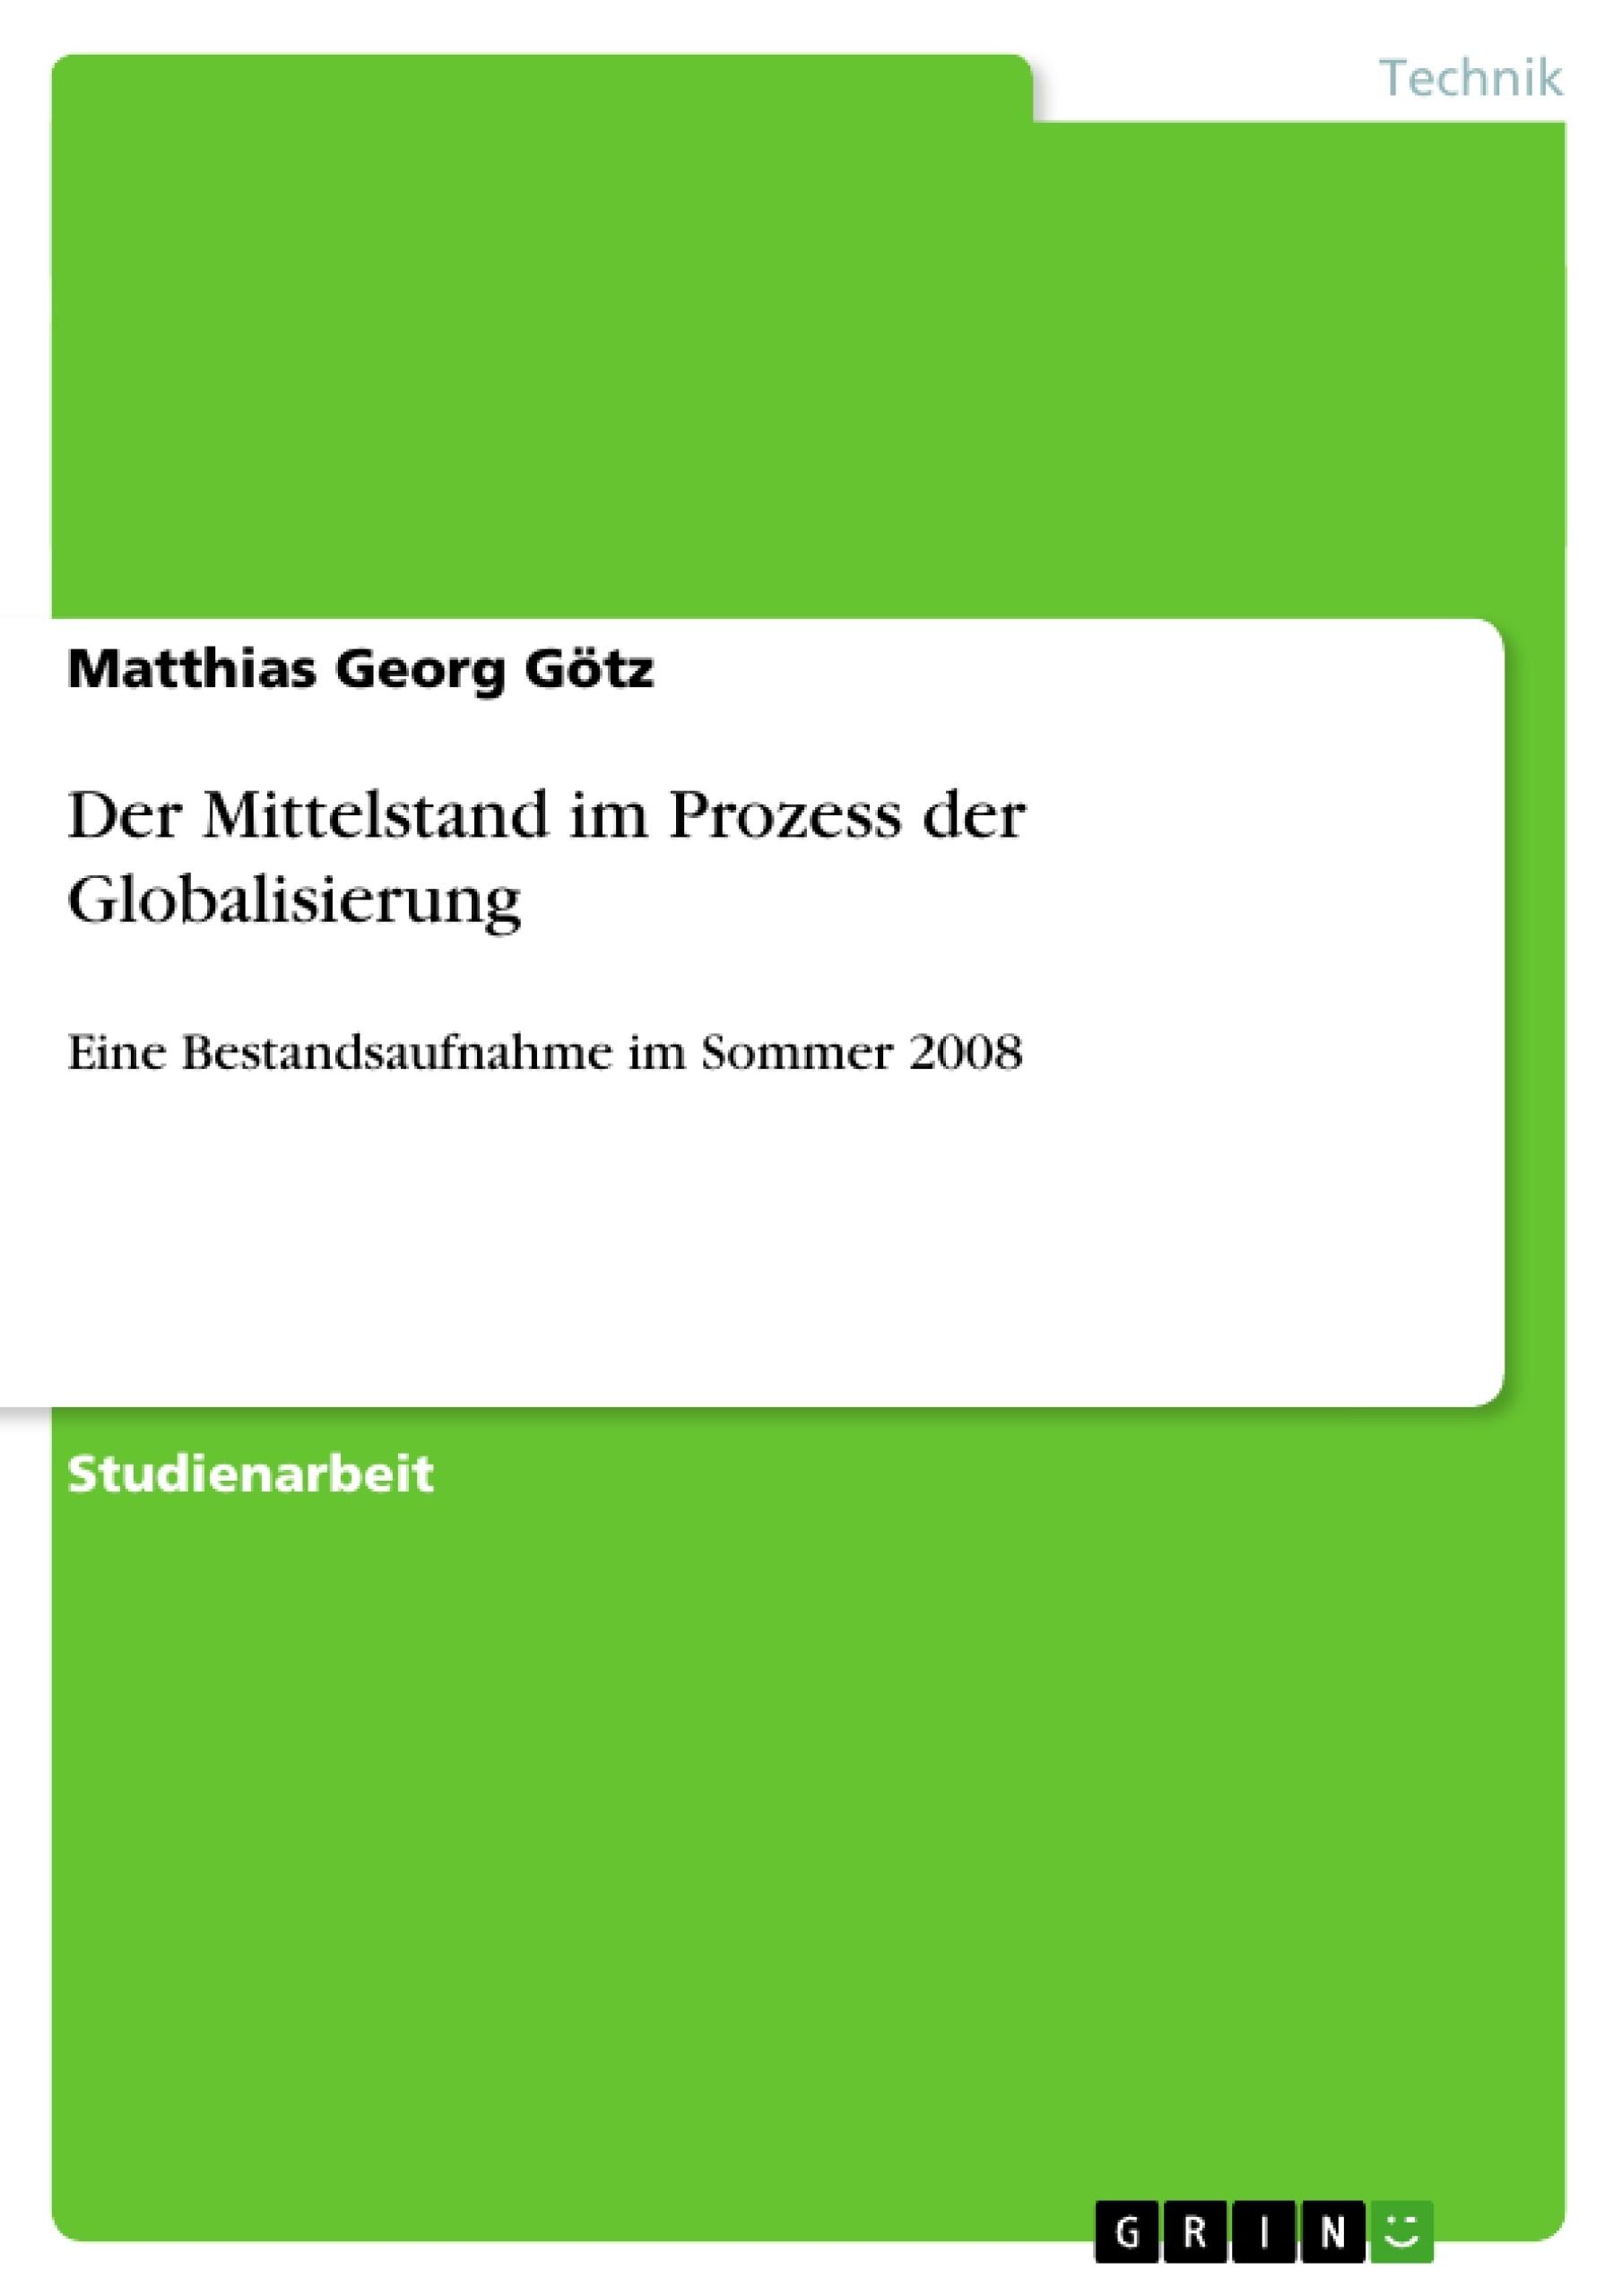 Titel: Der Mittelstand im Prozess der Globalisierung